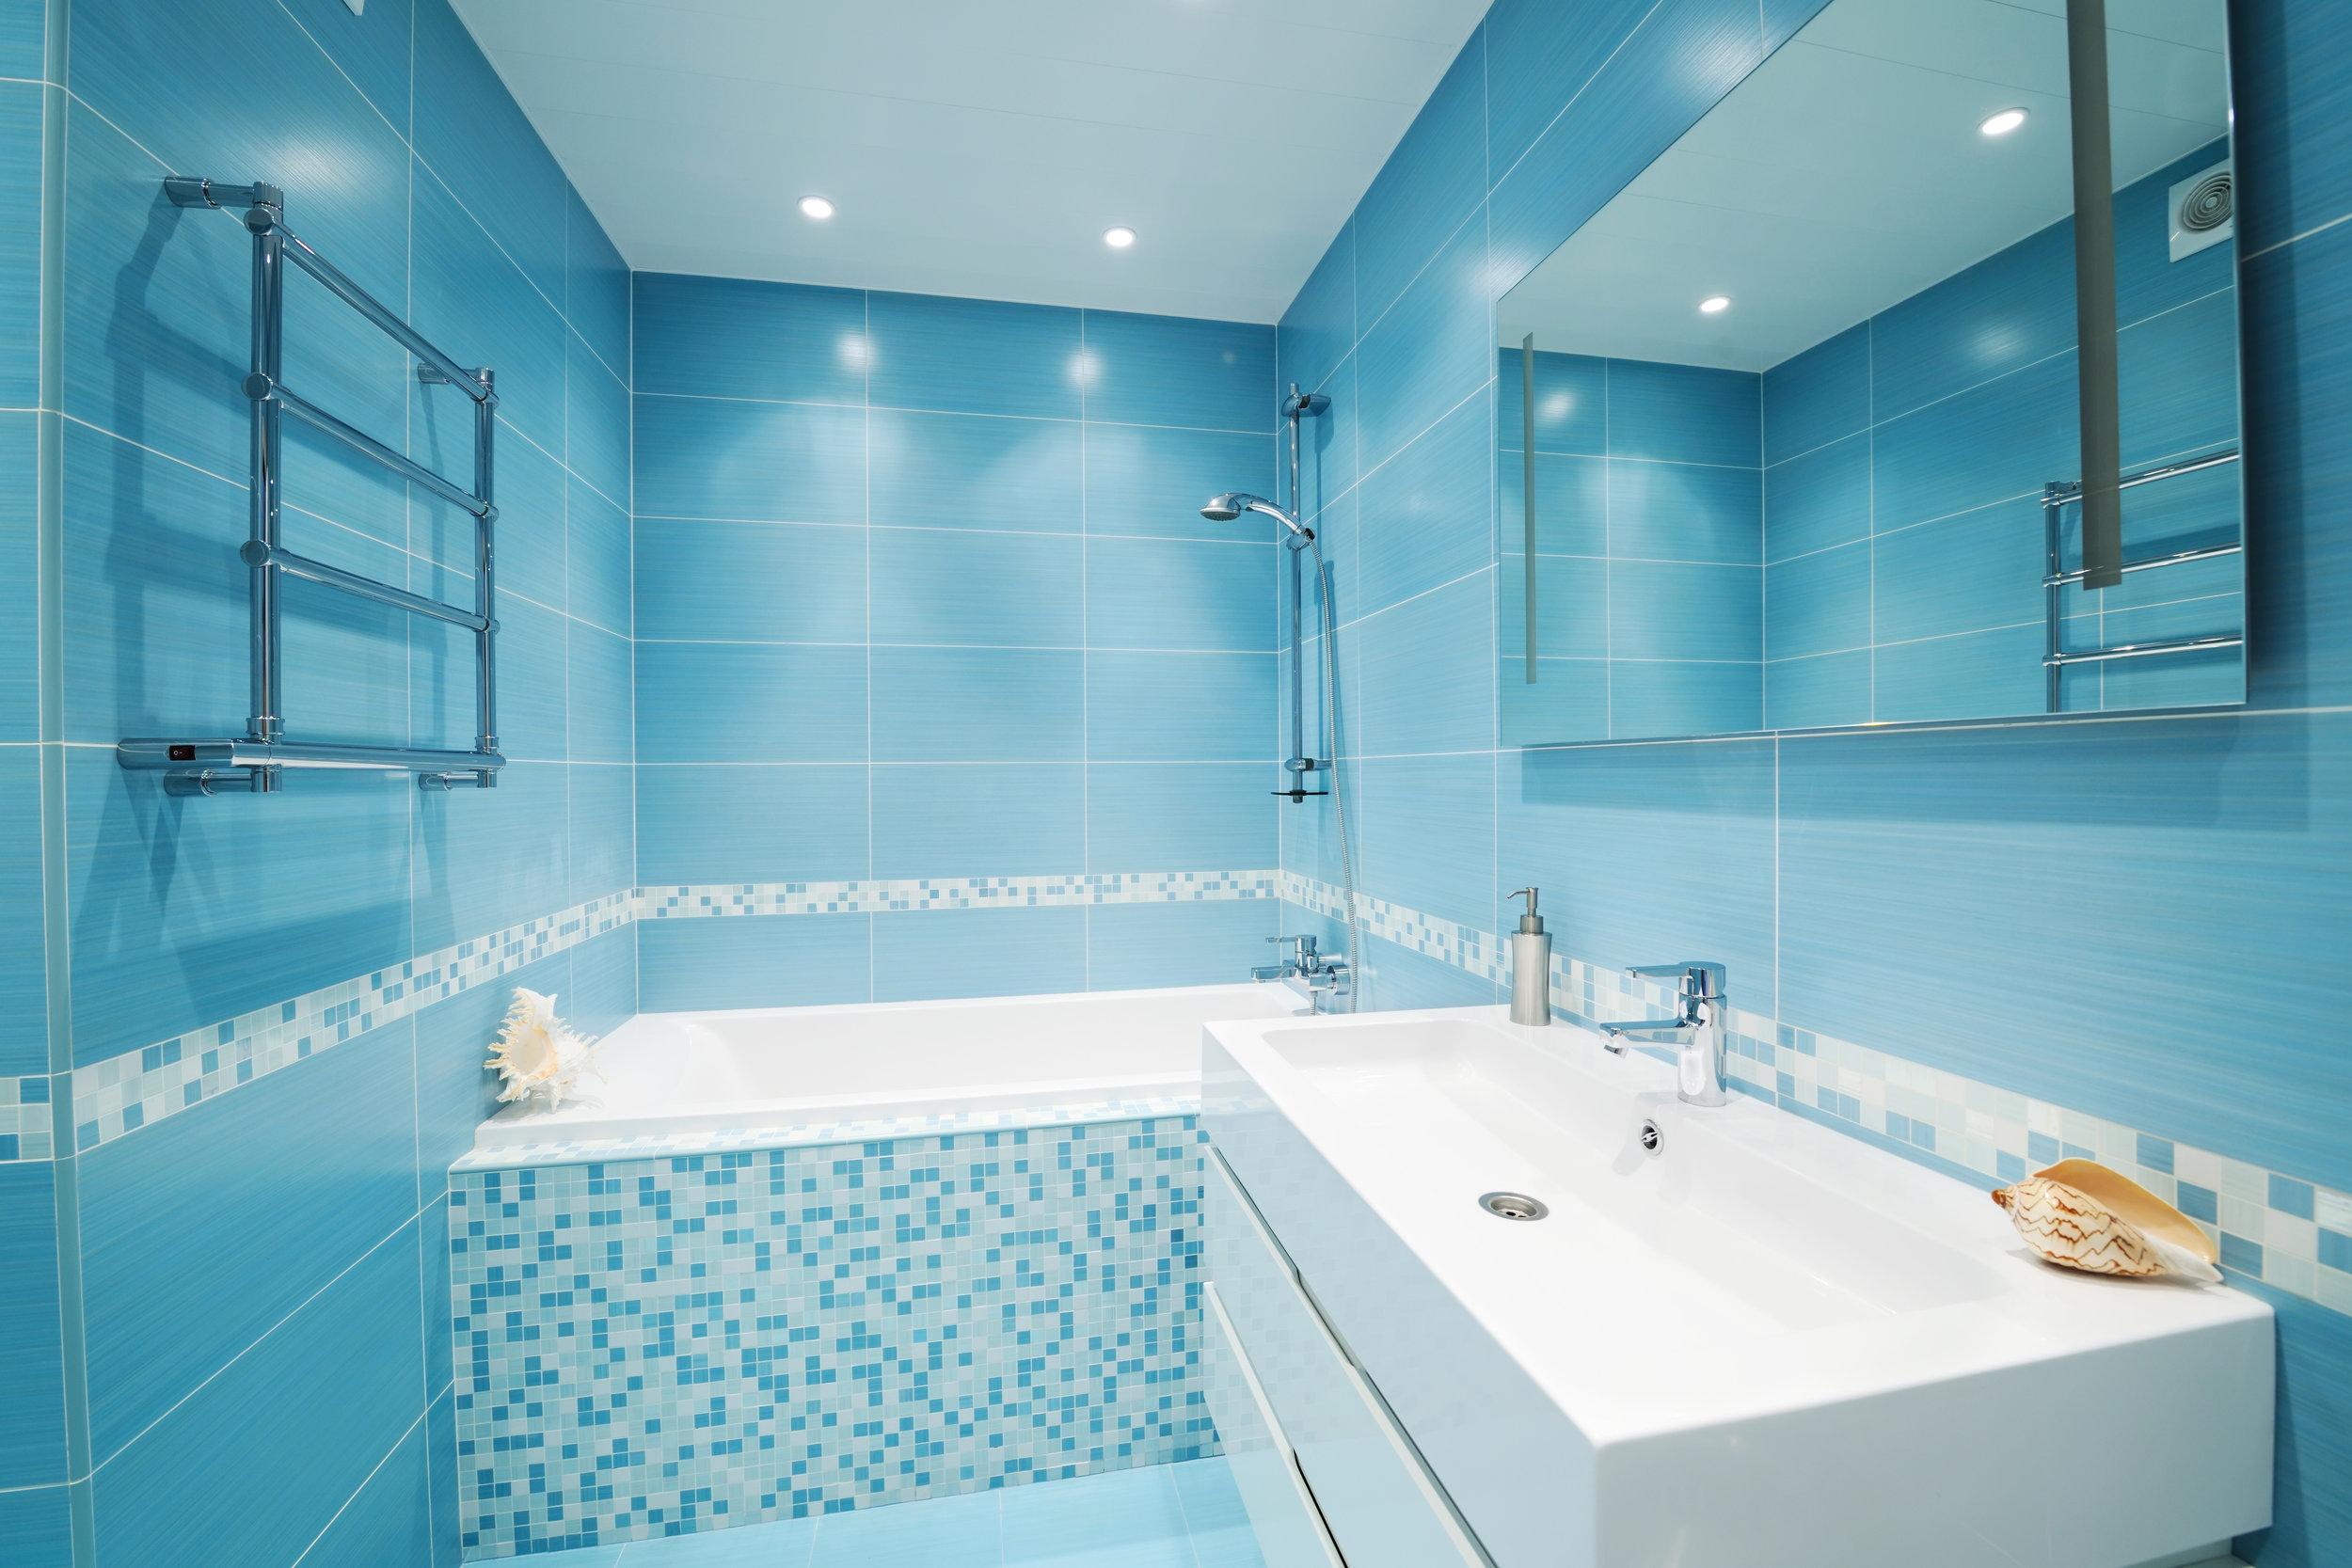 Bathroom Renovation Specialist - Bathroom Gallery, Bathrooms Auckland - Complete Bathrooms Auckland Ltd